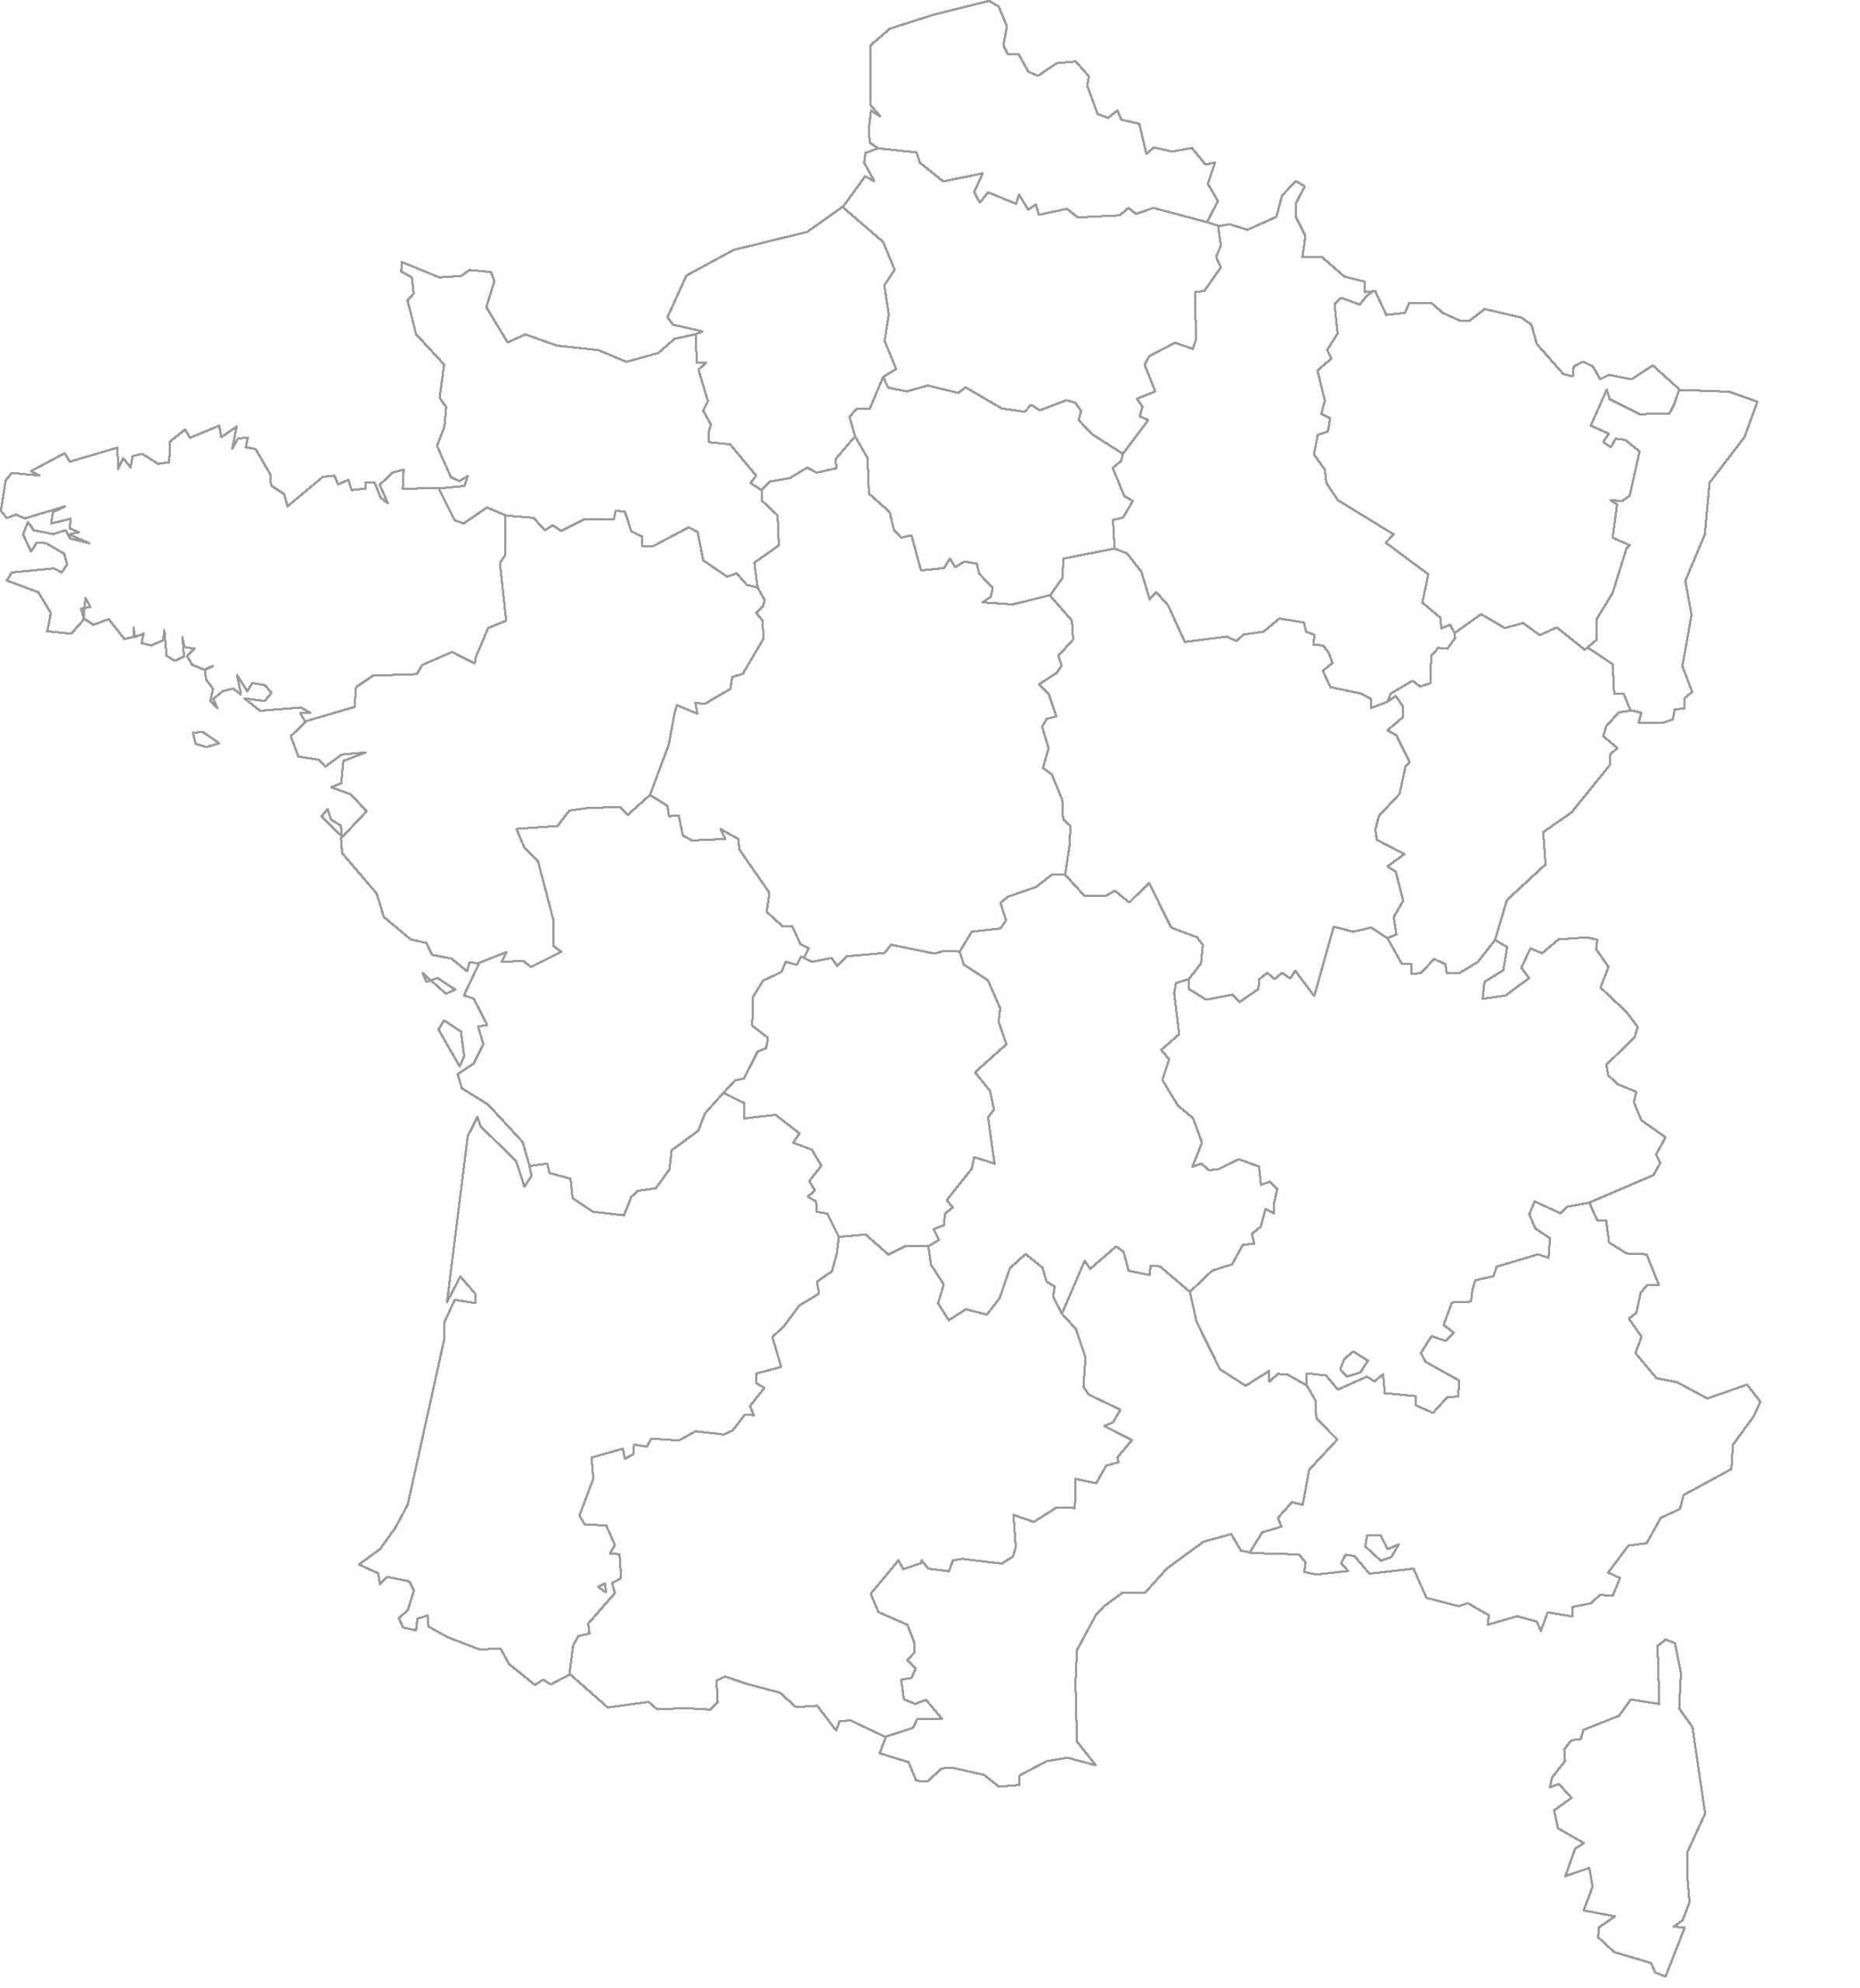 Cartes Vierges De La France À Imprimer - Chroniques à Carte Vierge Des Régions De France